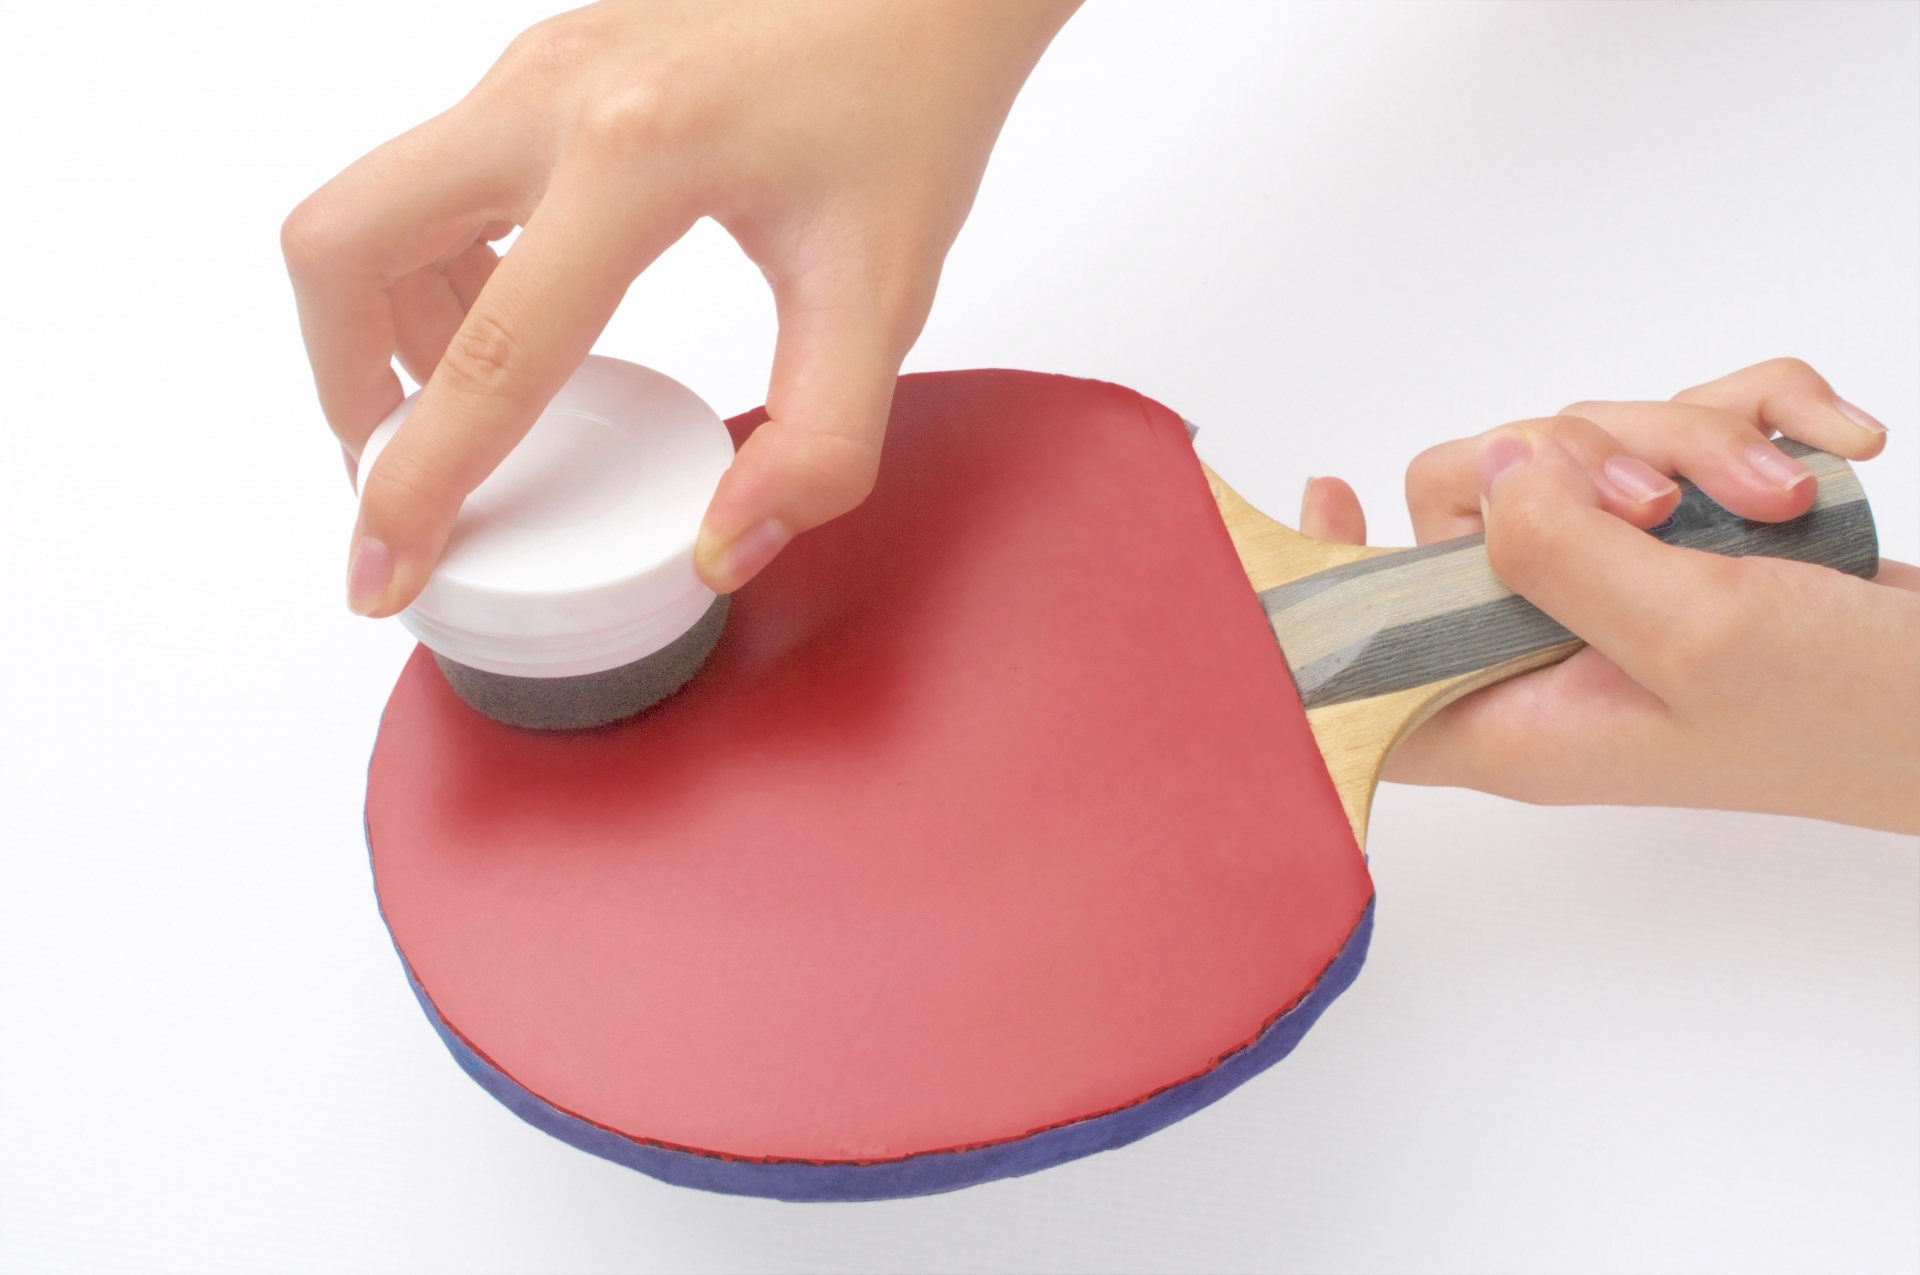 卓球ラバーの手入れ方法。簡単なメンテナンスと注意点。